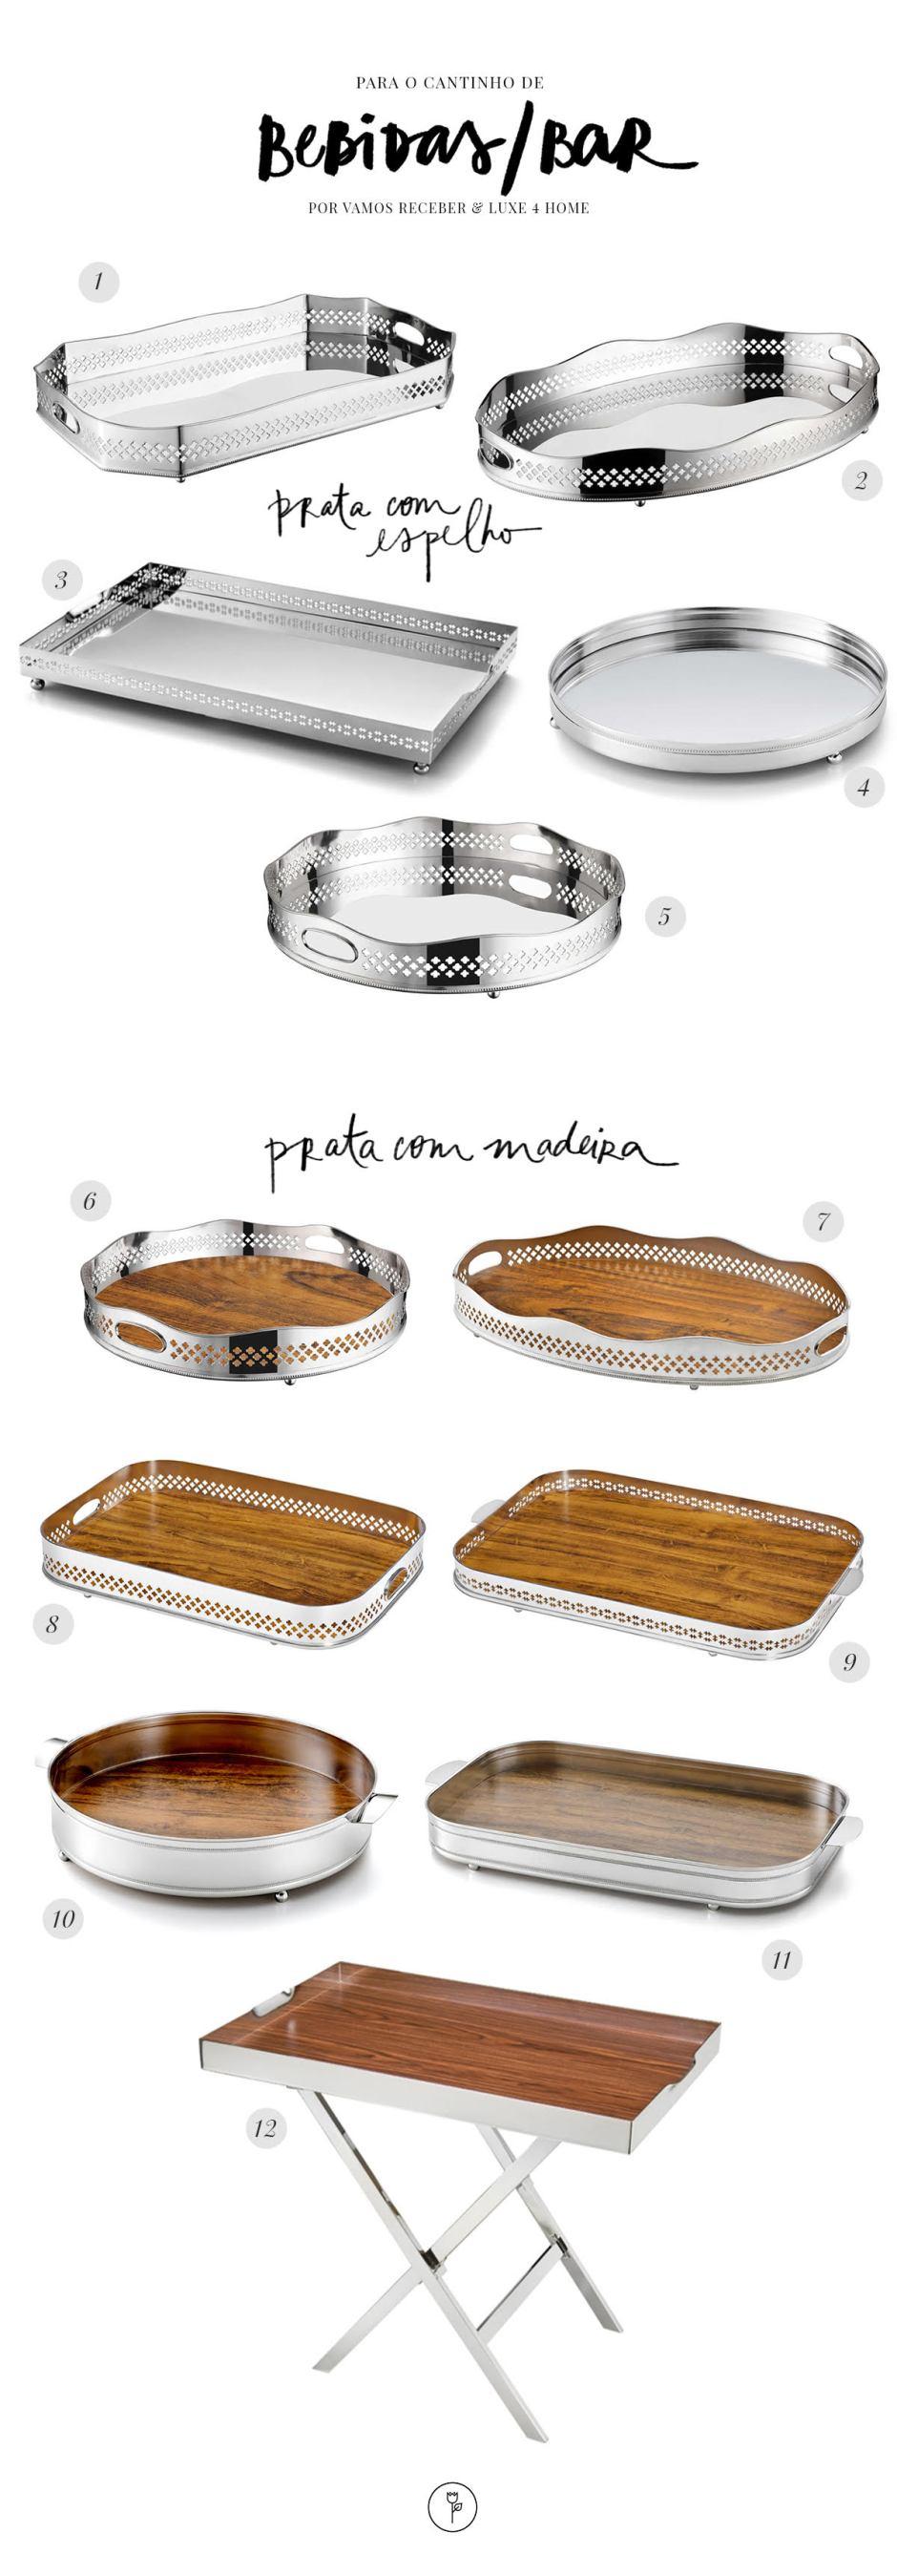 badejas pratas com espelhos e madeiras da Luxe 4 Home